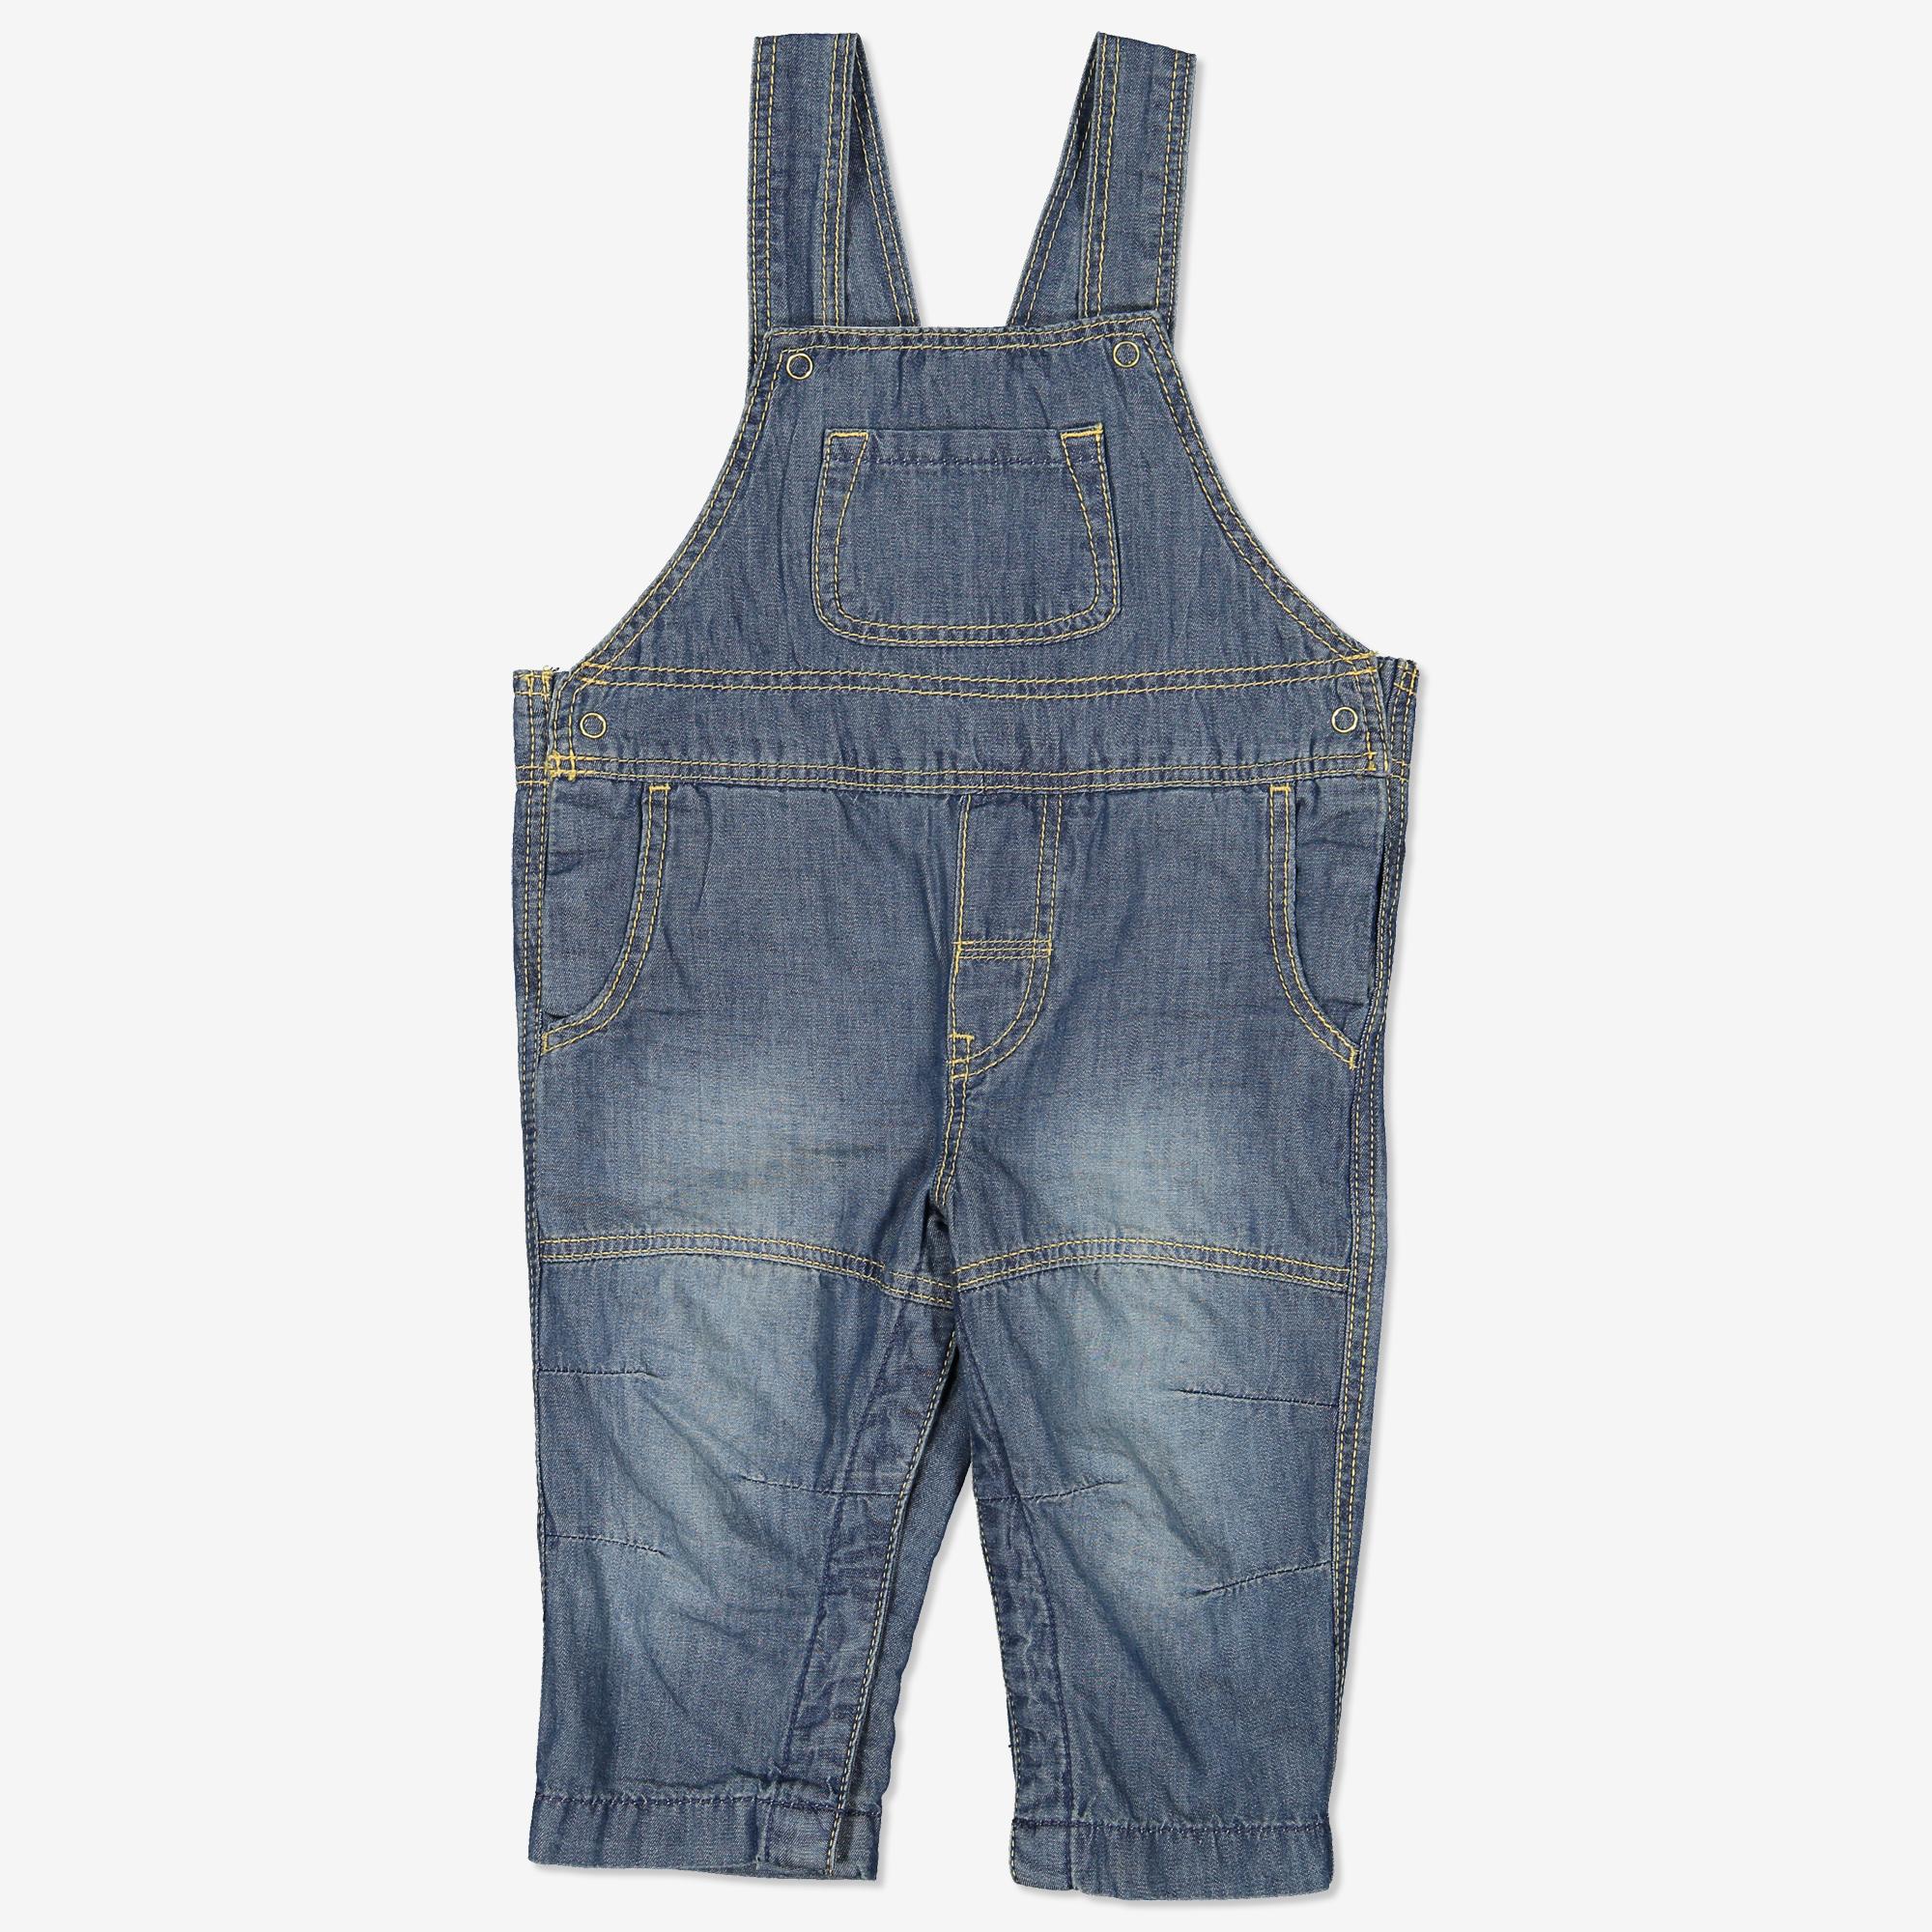 0c8a7f1c Jeans til barn | Behagelige og slitesterke klær | Polarnopyret.no